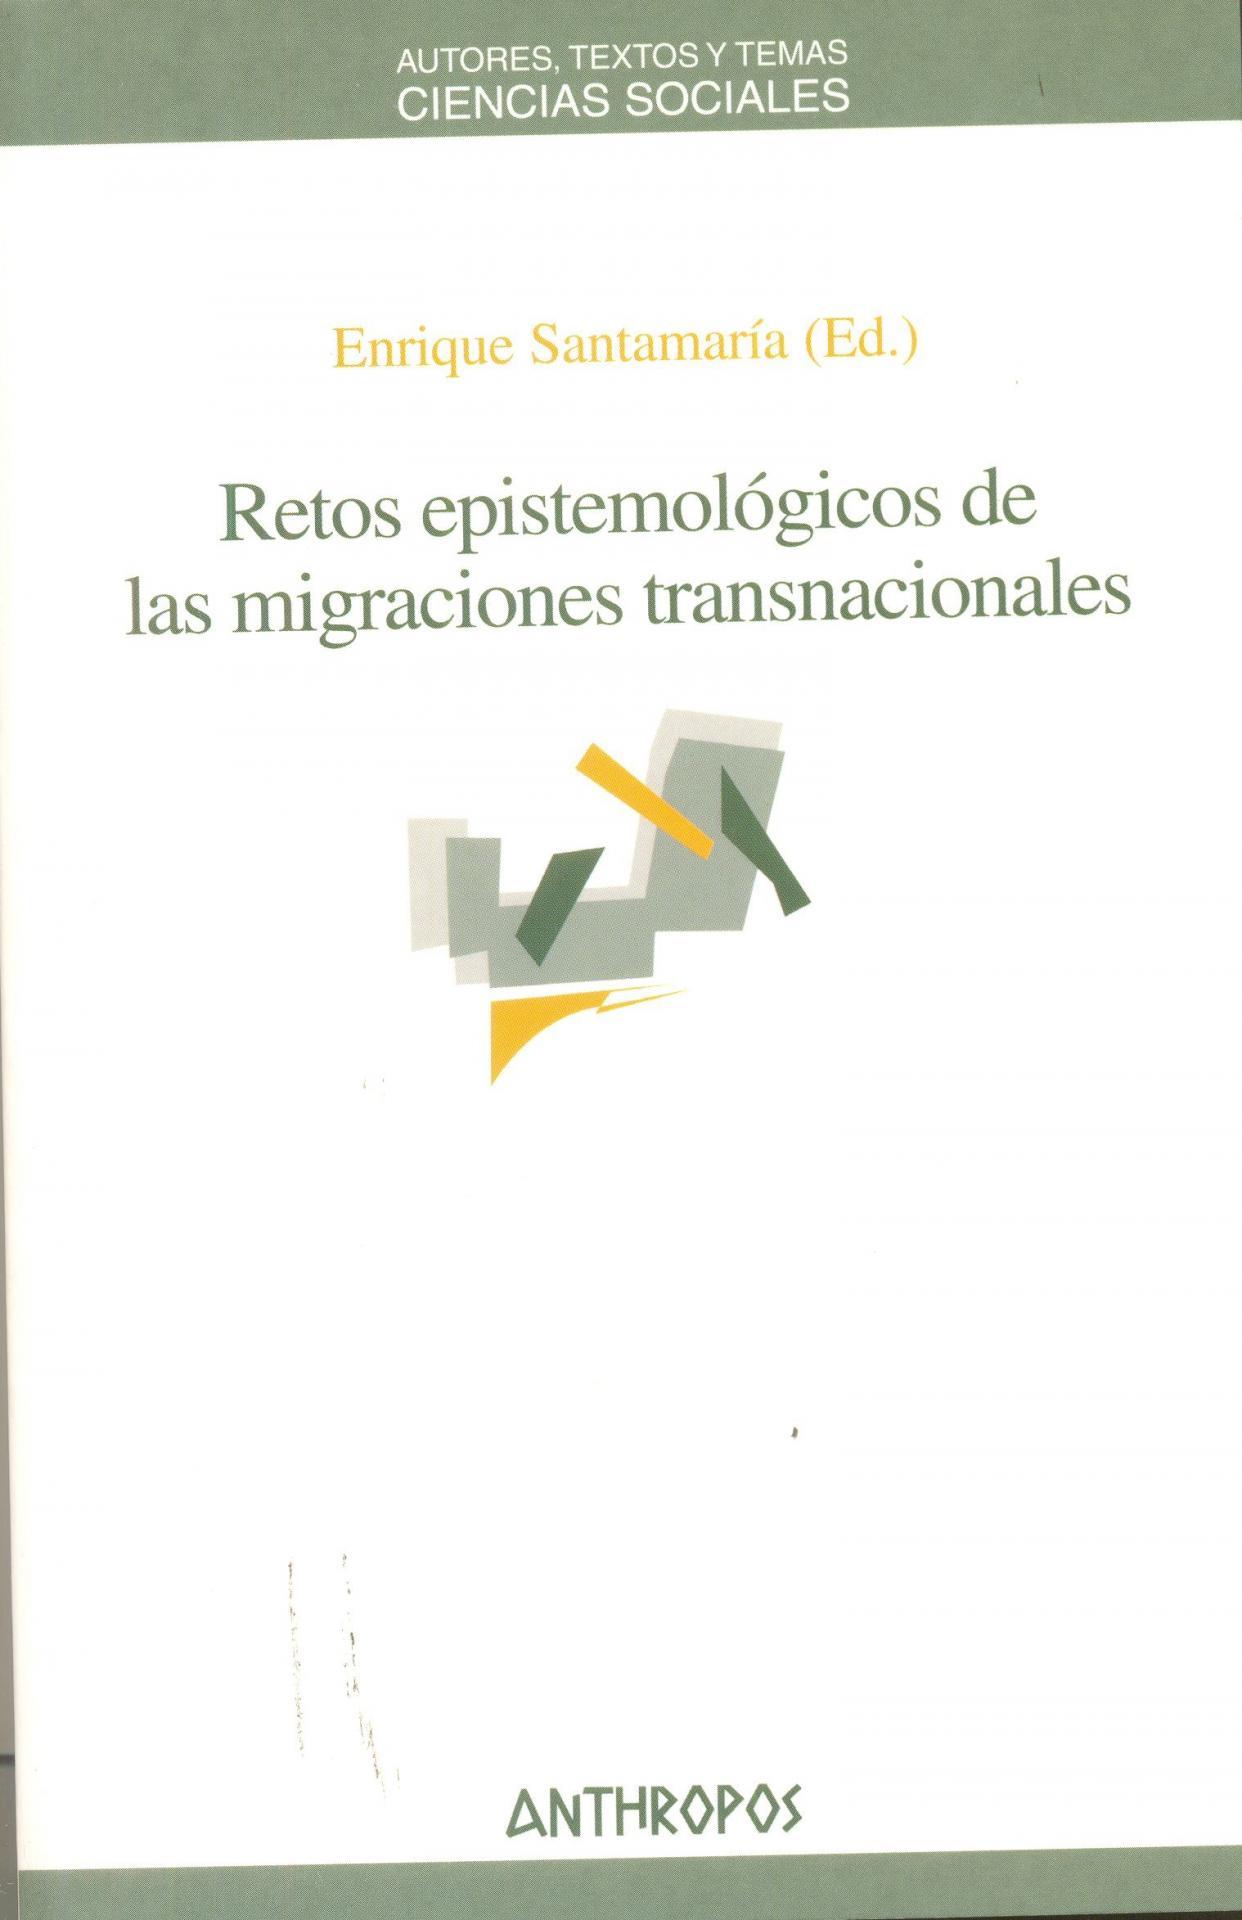 RETOS EPISTEMOLÓGICOS DE LAS MIGRACIONES TRANSNACIONALES. Santamaría, E.